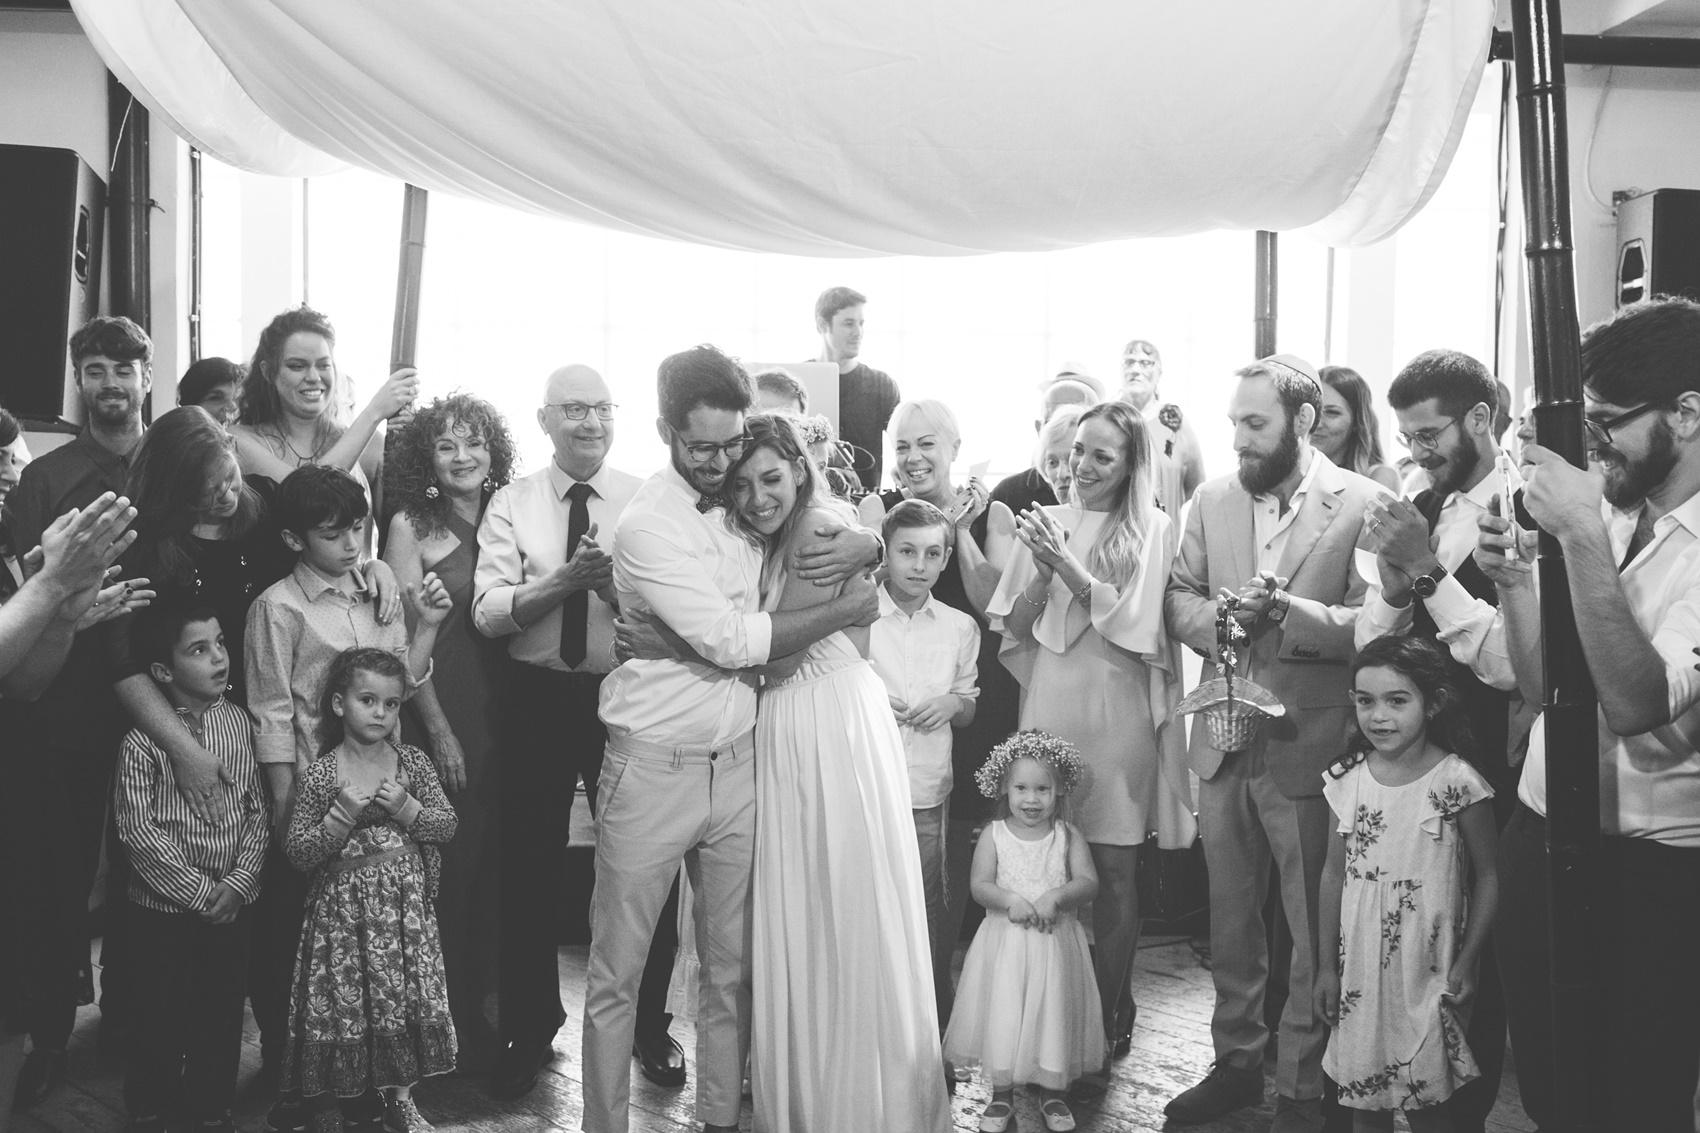 הצלמים בוחרים: תמונות מרגשות מטקס החופה